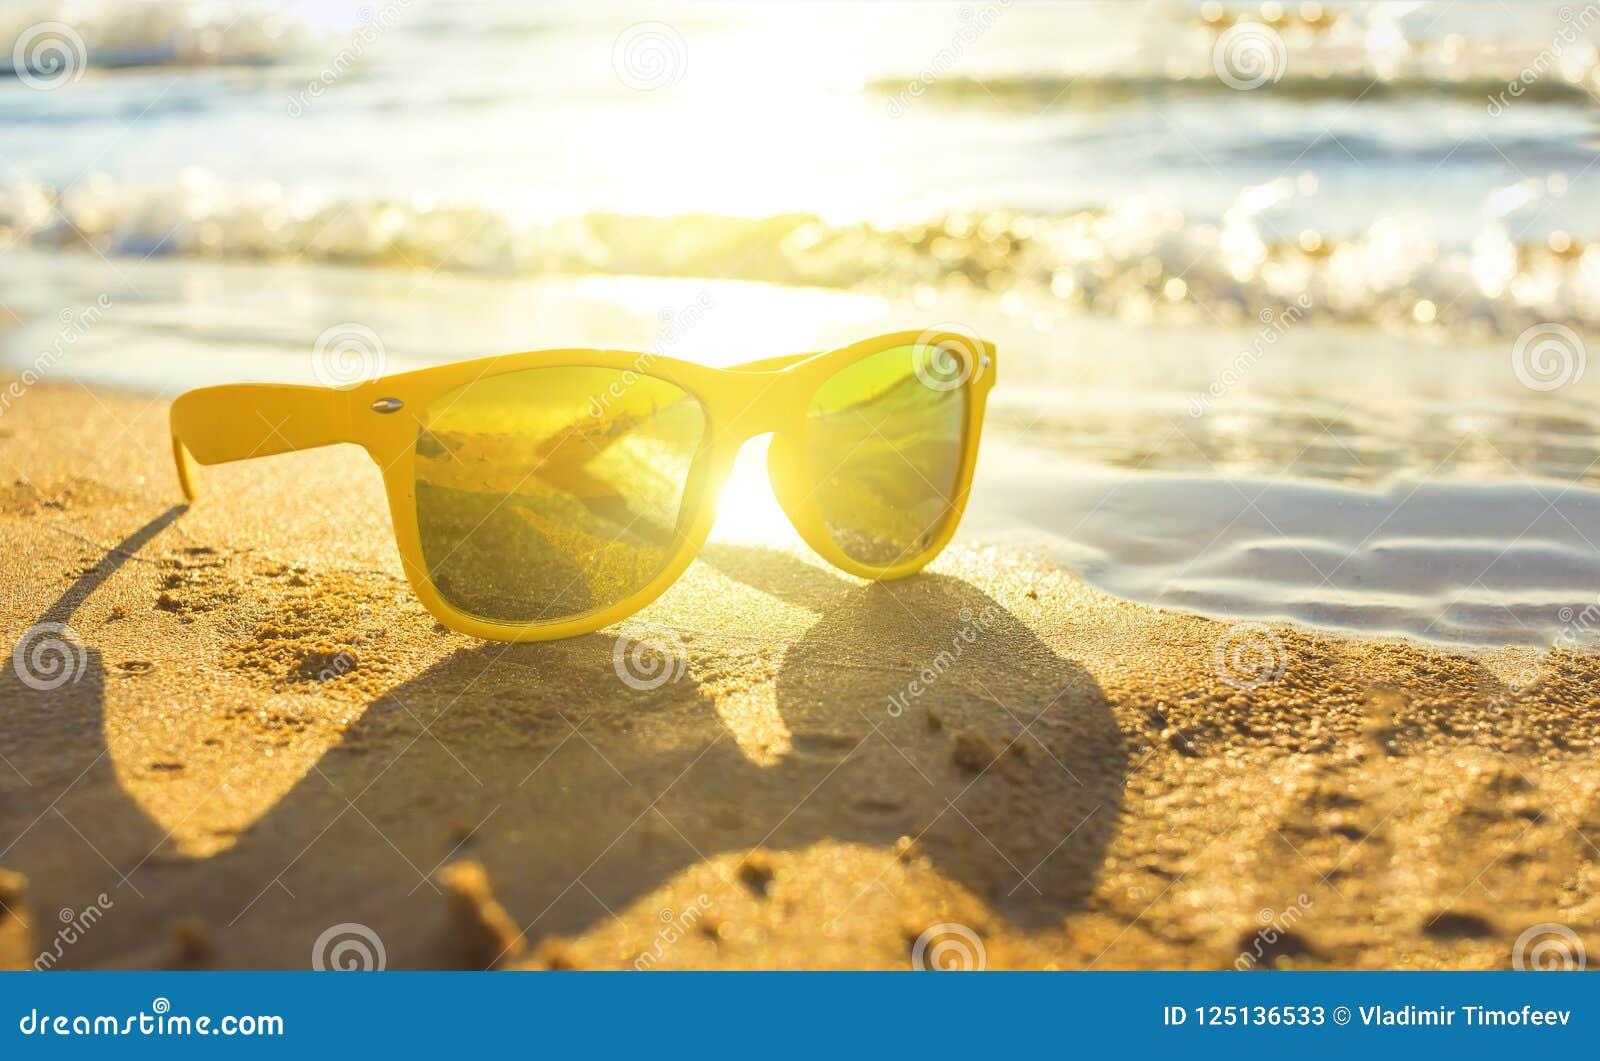 Óculos de sol amarelos à moda pelo mar, areia amarela, sol, profundidade de campo, borrão